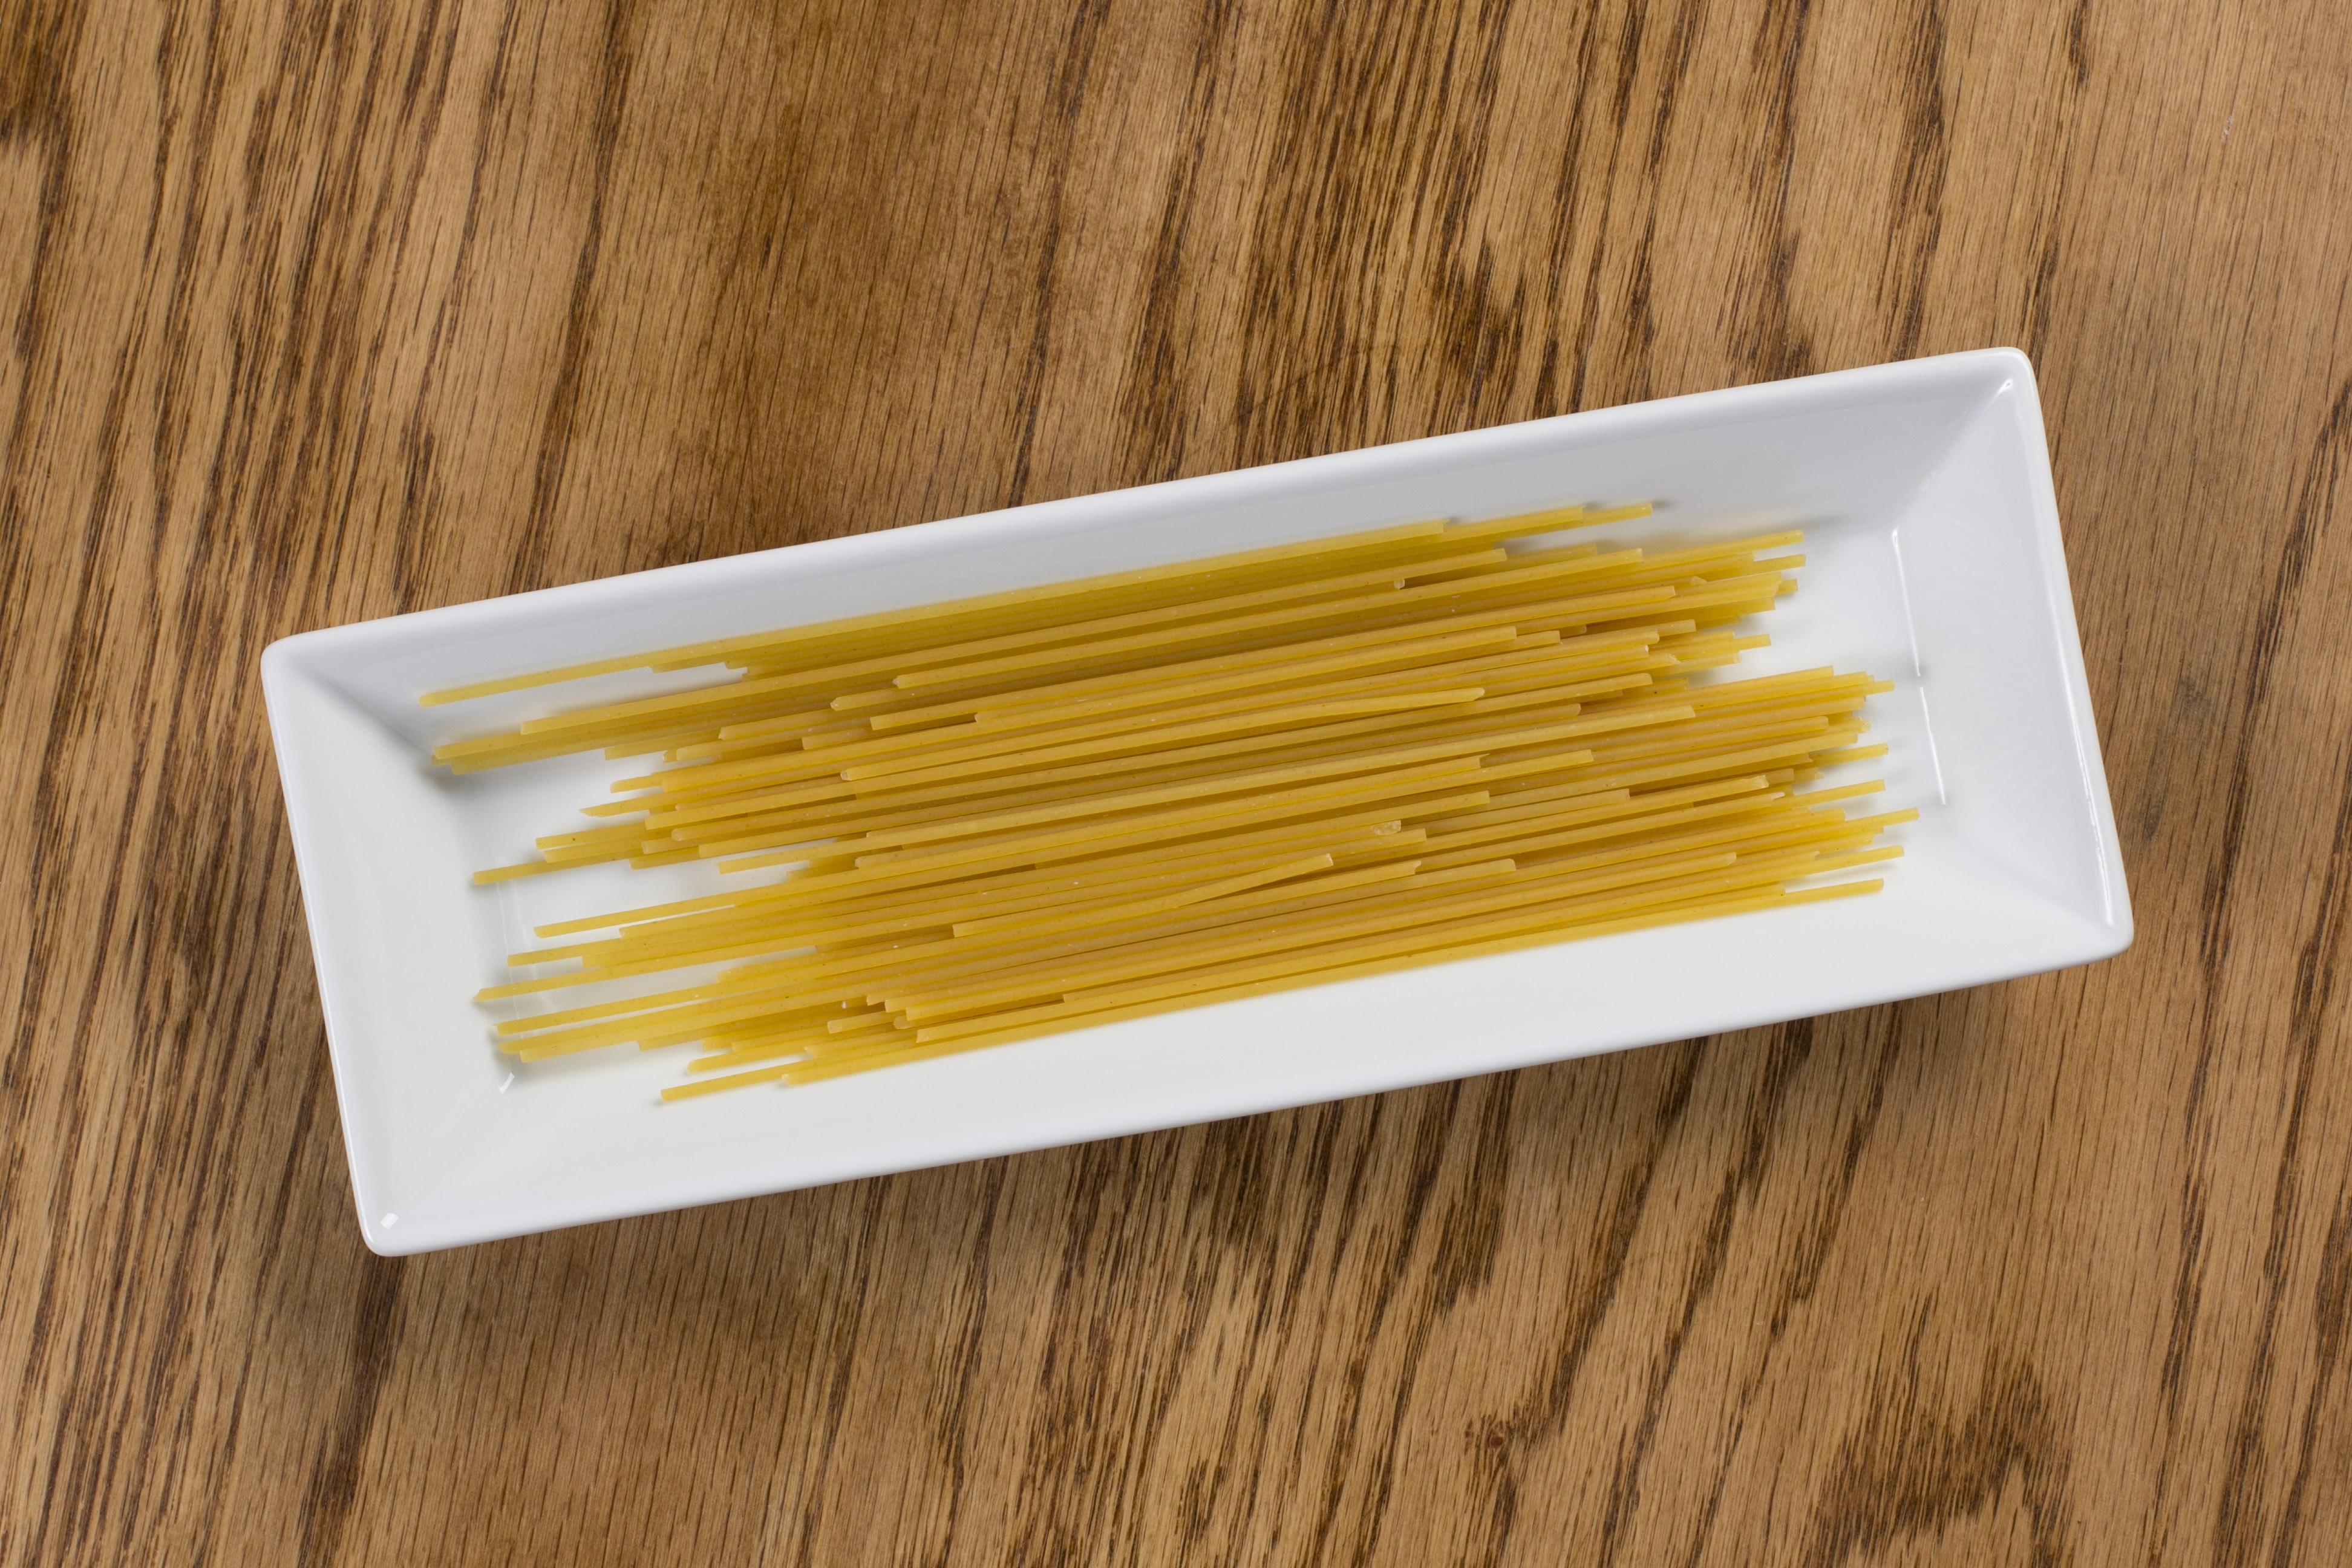 pasta-9792